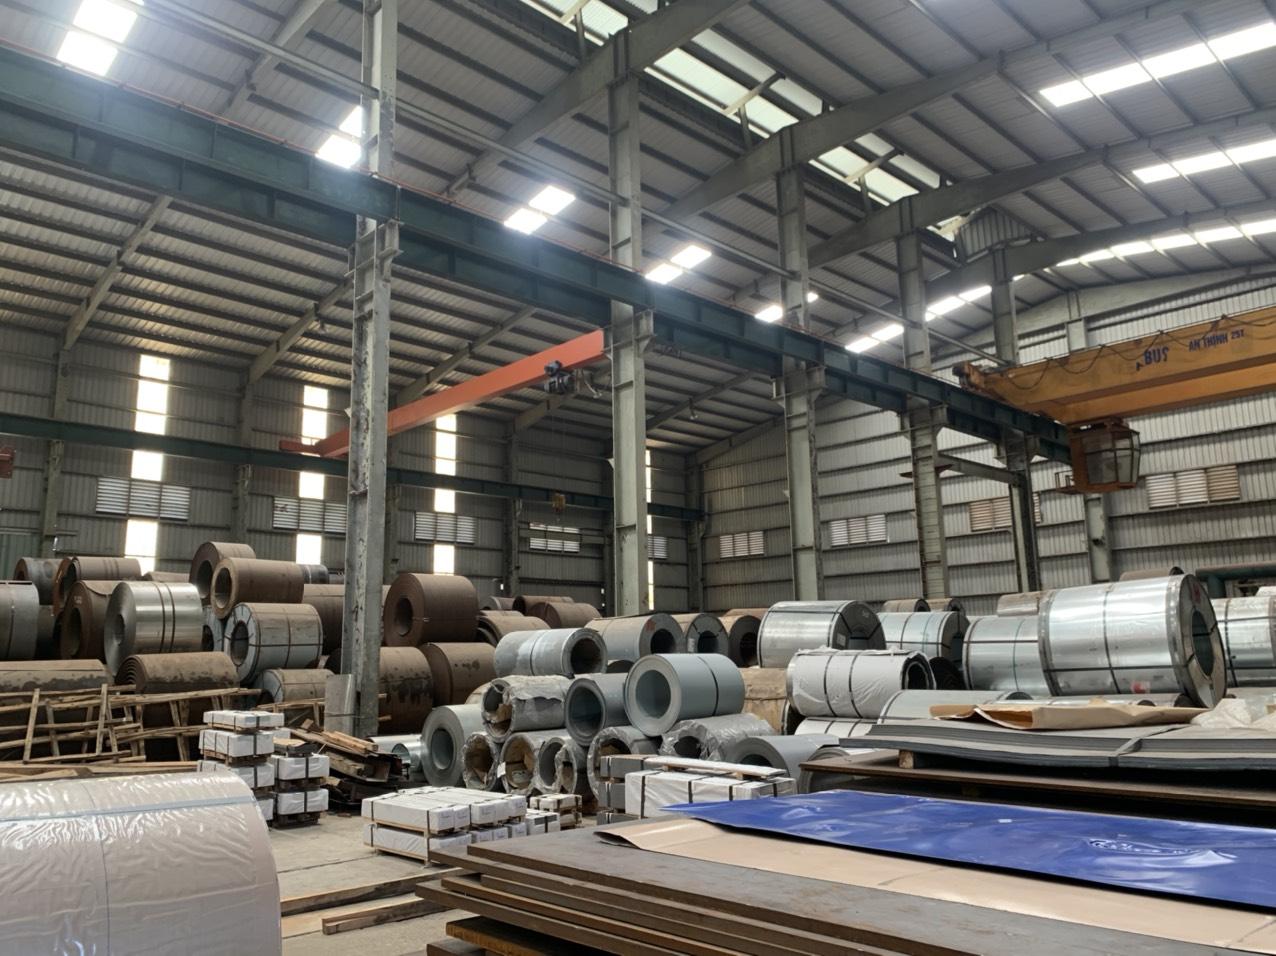 Các máy móc được dùng làm cửa thép vân gỗ tại Cửa Thép Việt